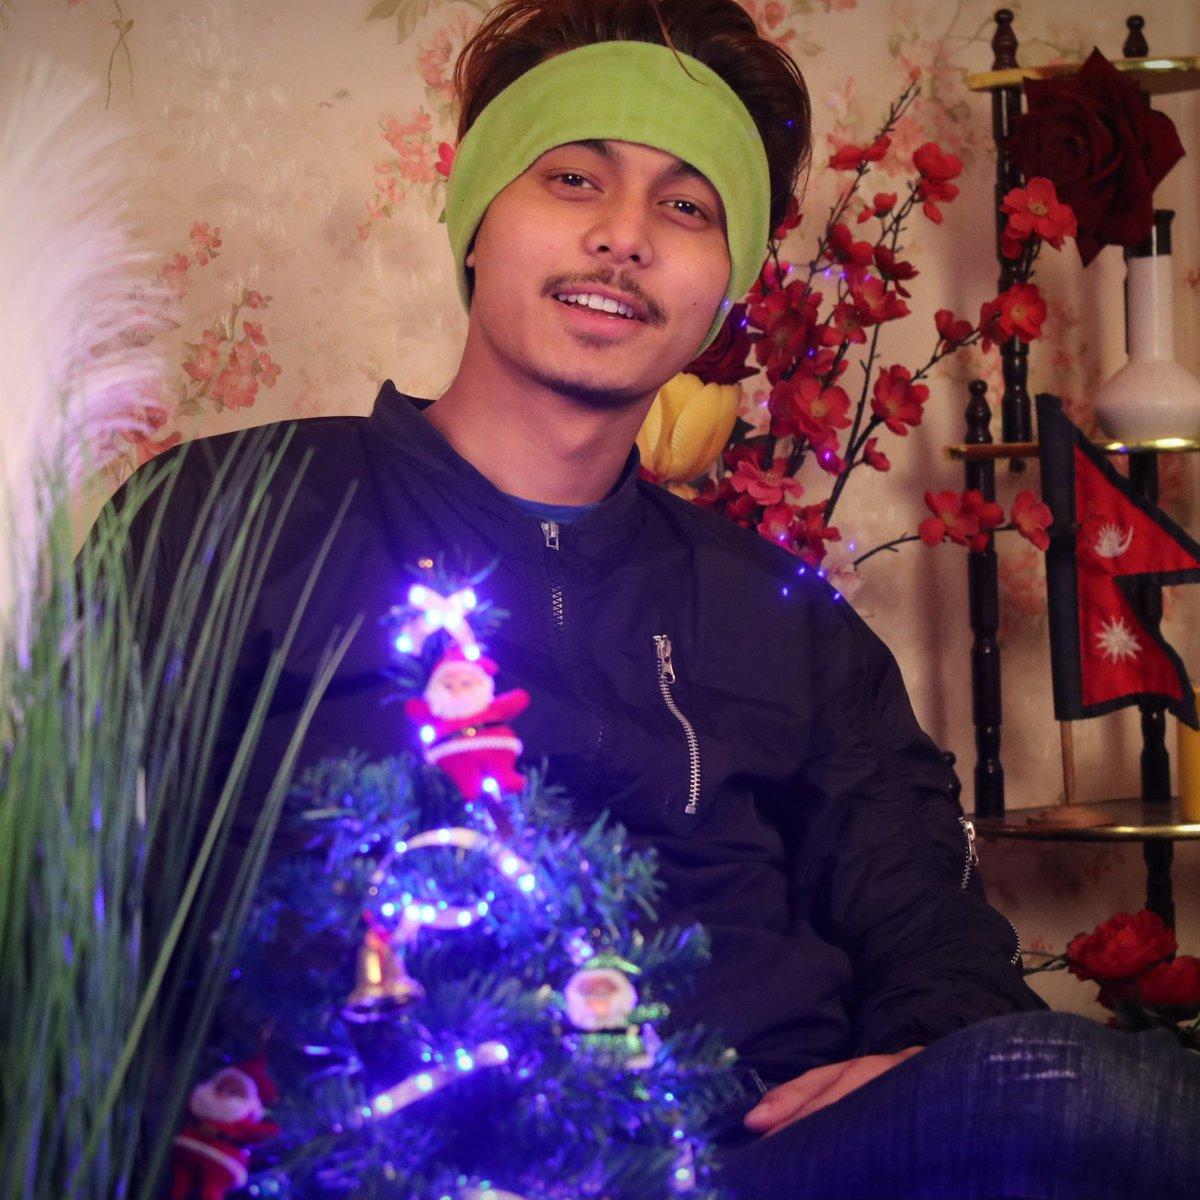 #Ameertamang #Ameer #Tamang #hairstyles #nepal #cristmas #Amir #Tamang